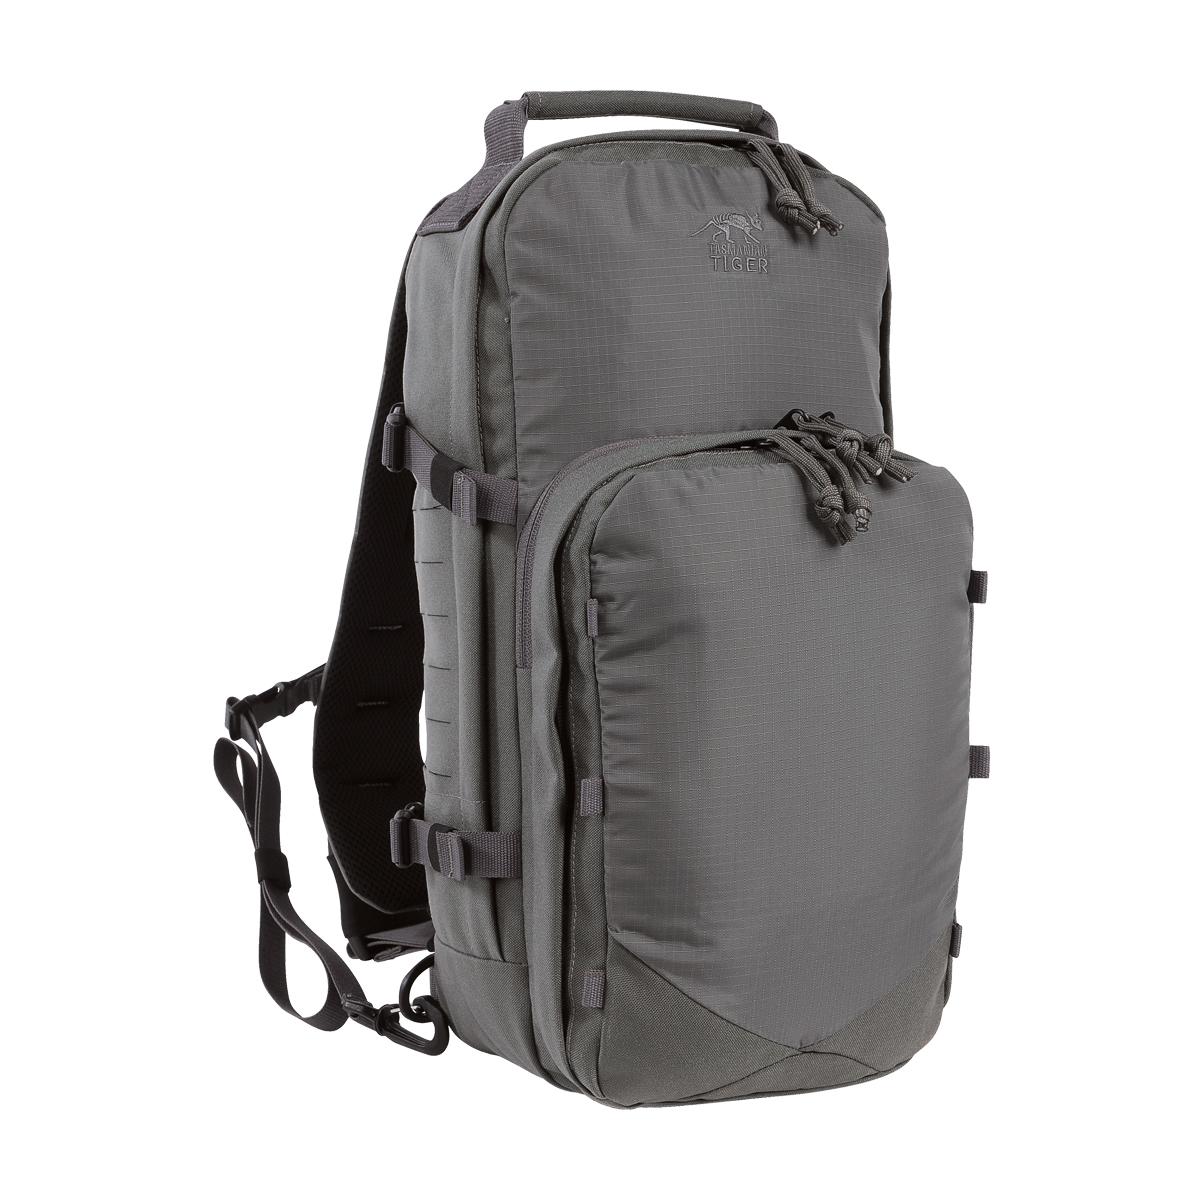 Рюкзак TT TAC SLING PACK 12 carbon, 7961.043, Спортивные рюкзаки - арт. 821790283